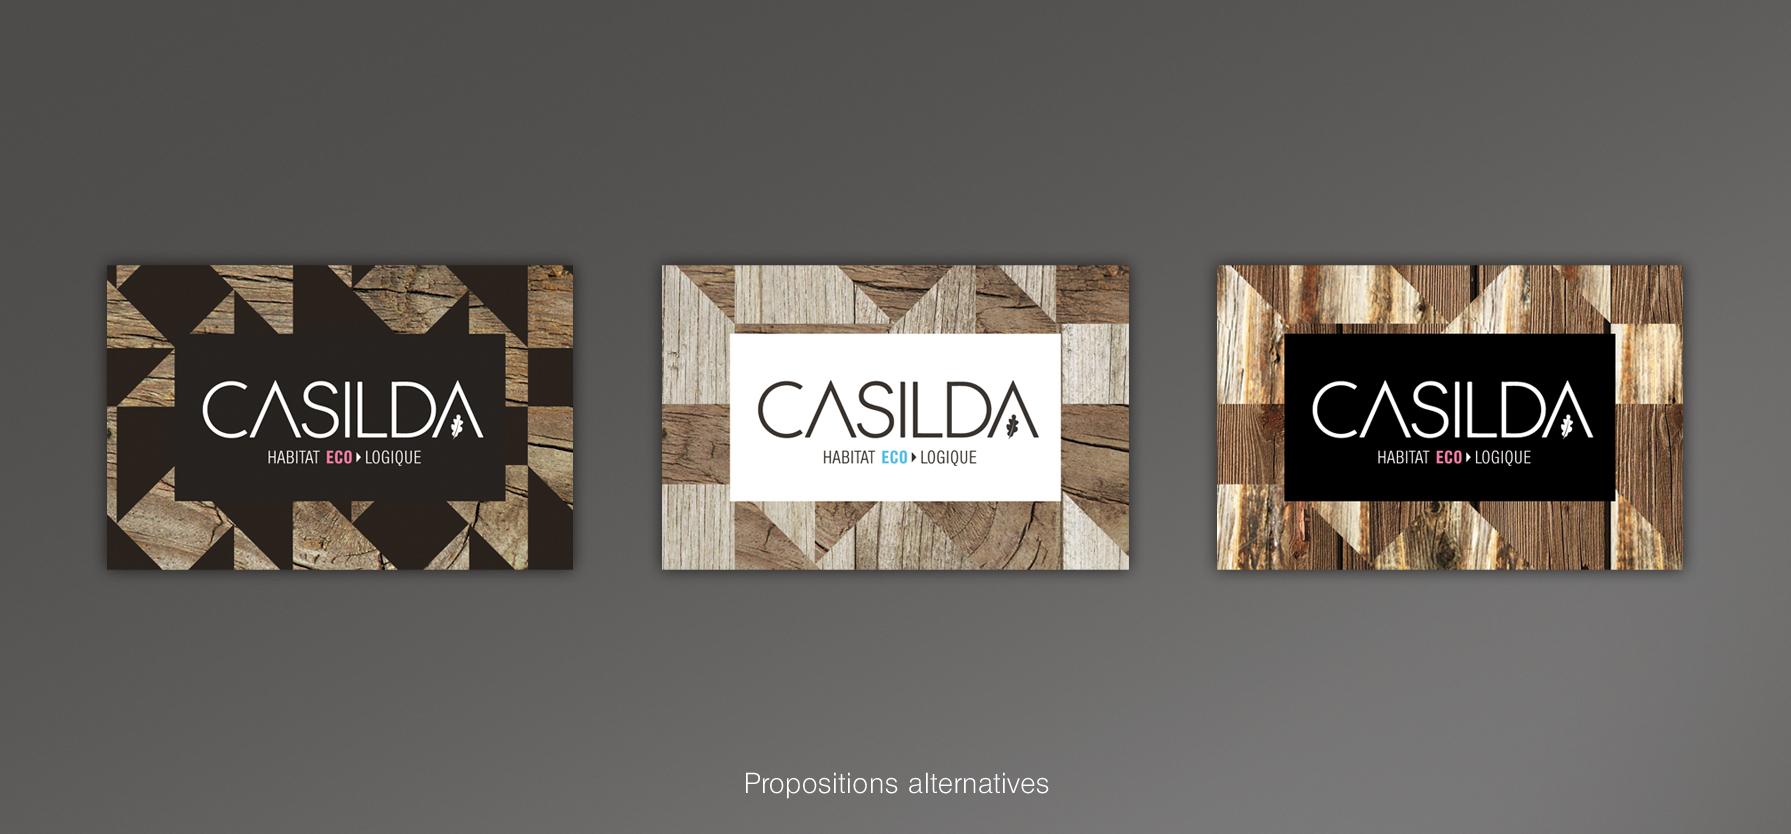 casilda_identite_graphique-08